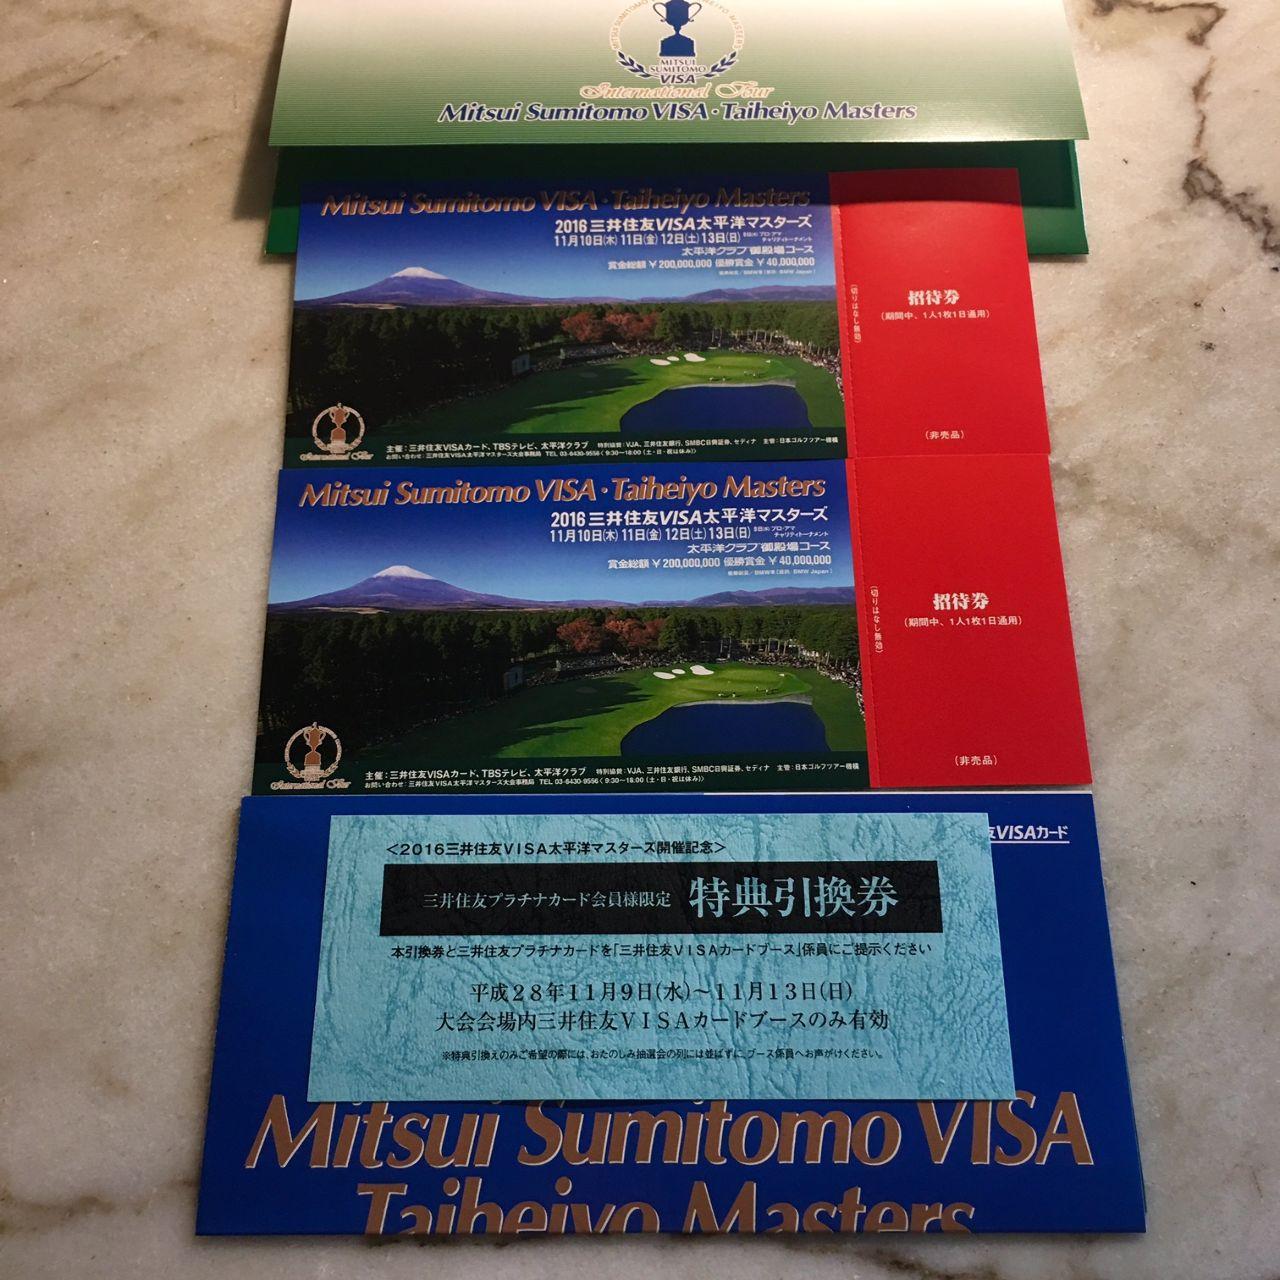 東京電力 11月10日から開催される、「三井住友VISA太平洋マスターズ」 今年も招待券が送られてきましたぁ。